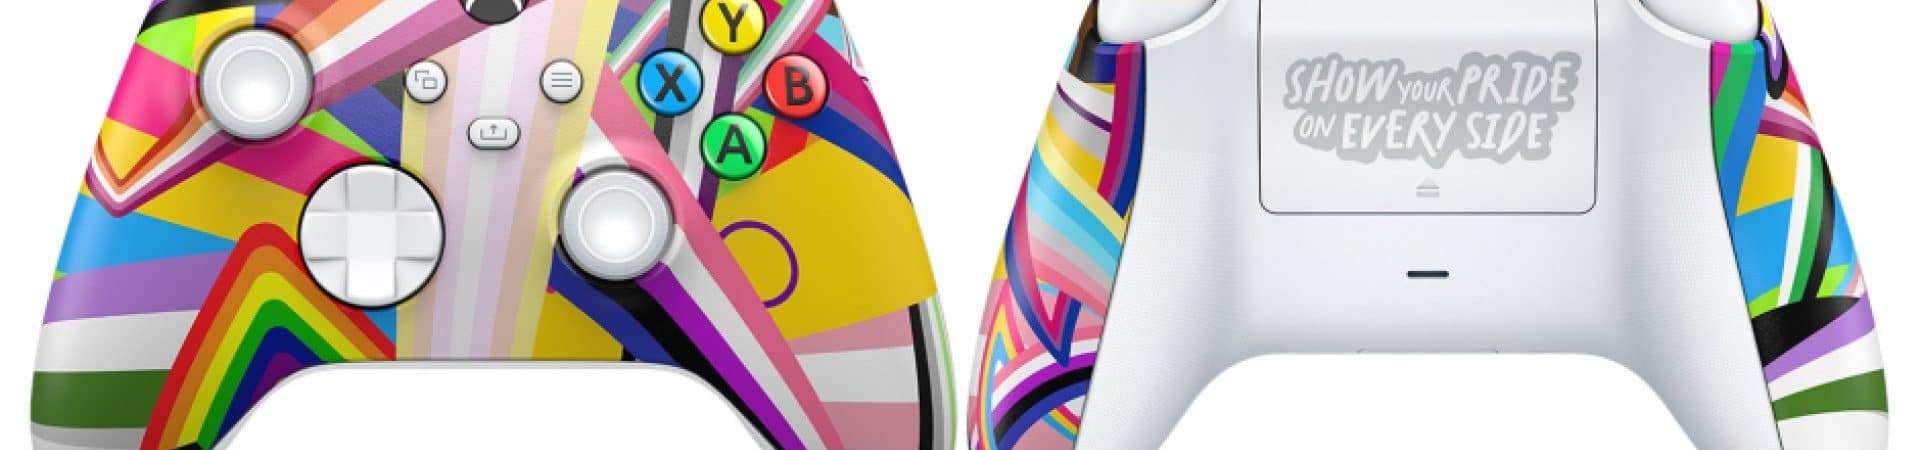 Xbox revela controle personalizado em comemoração do Mês de Orgulho LGBTQIA+. Imagem: Divulgação/Microsoft